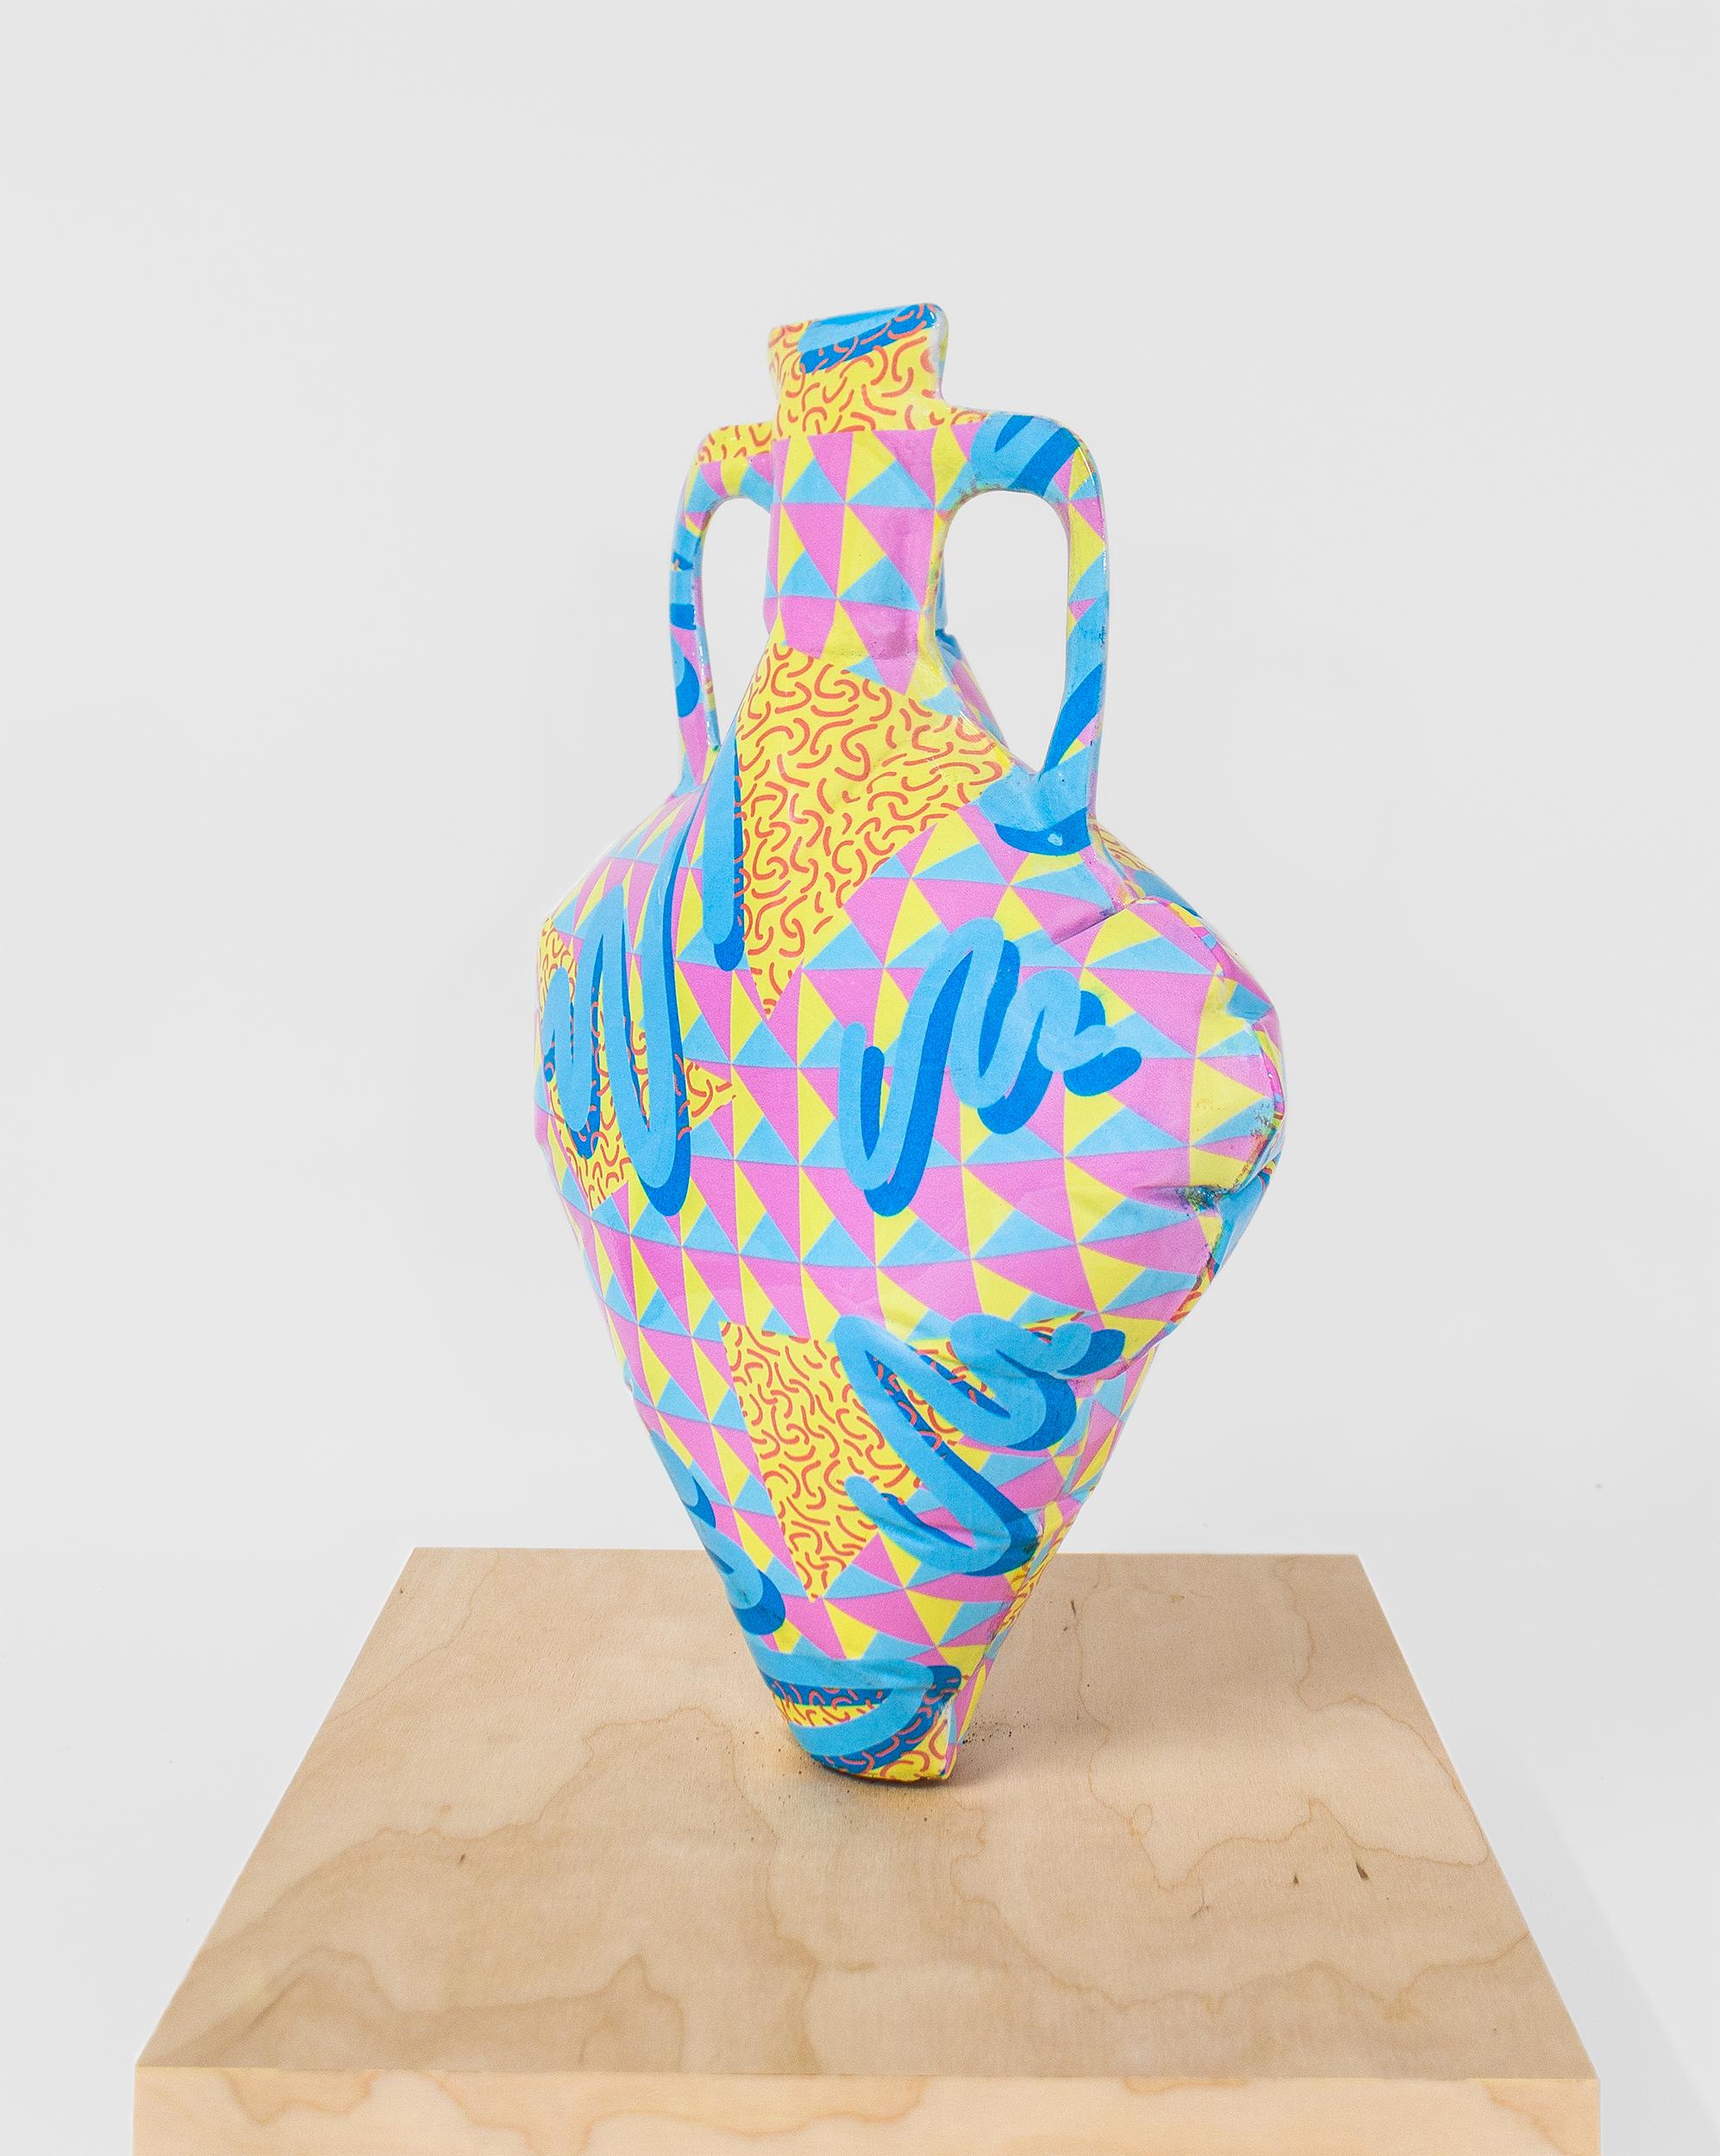 AdamParkerSmith_Sculpture8_Side4.jpg